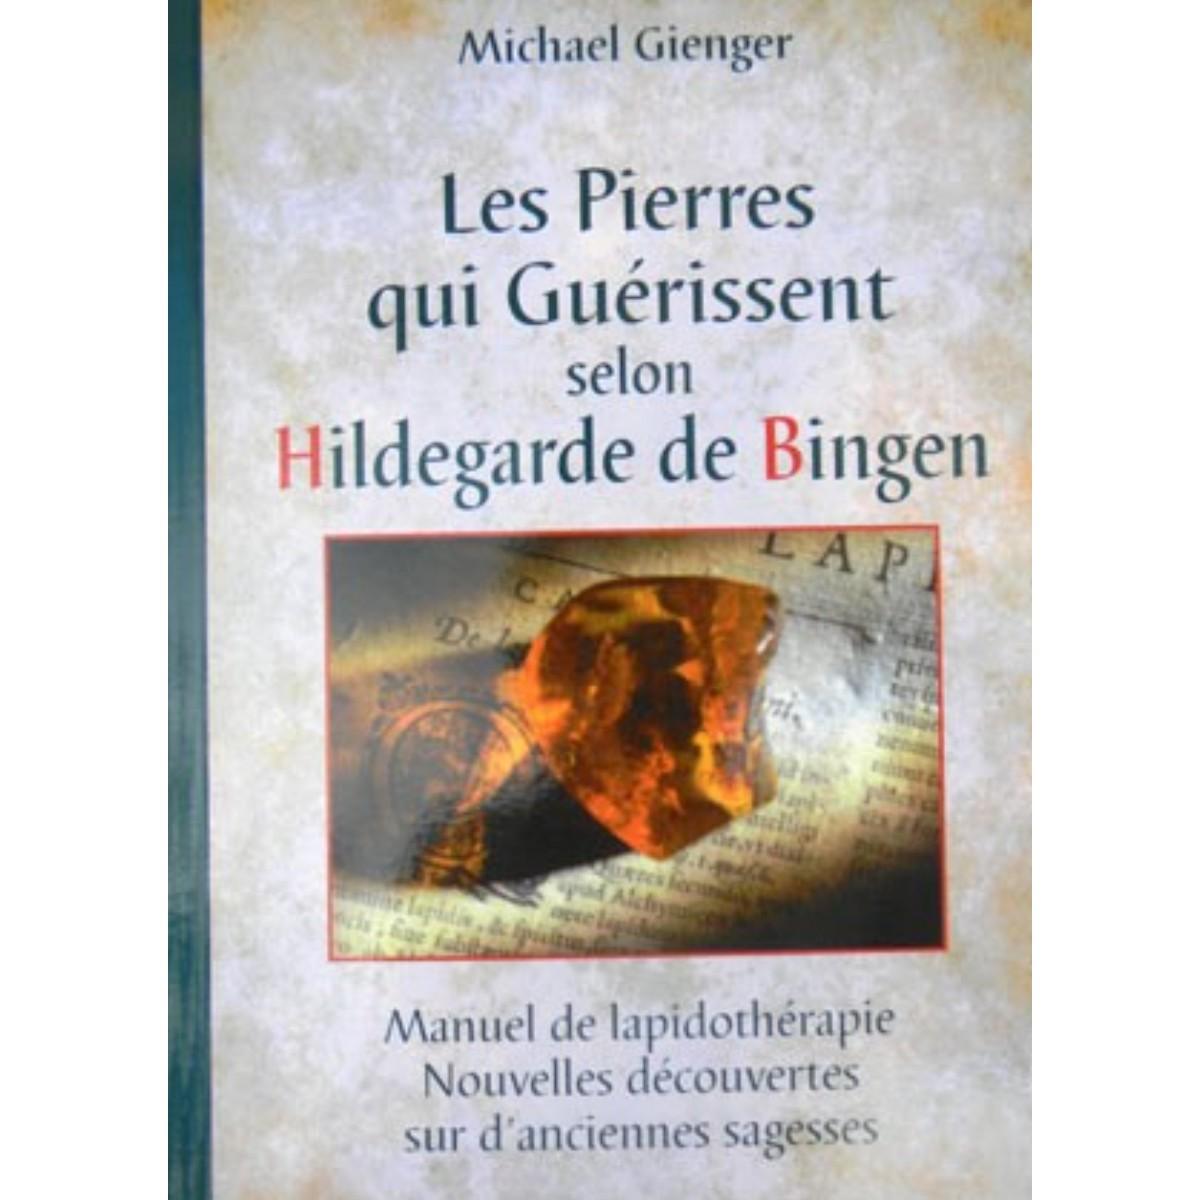 Les pierres qui guérissent selon Hildegarde de Bingen au quotidien